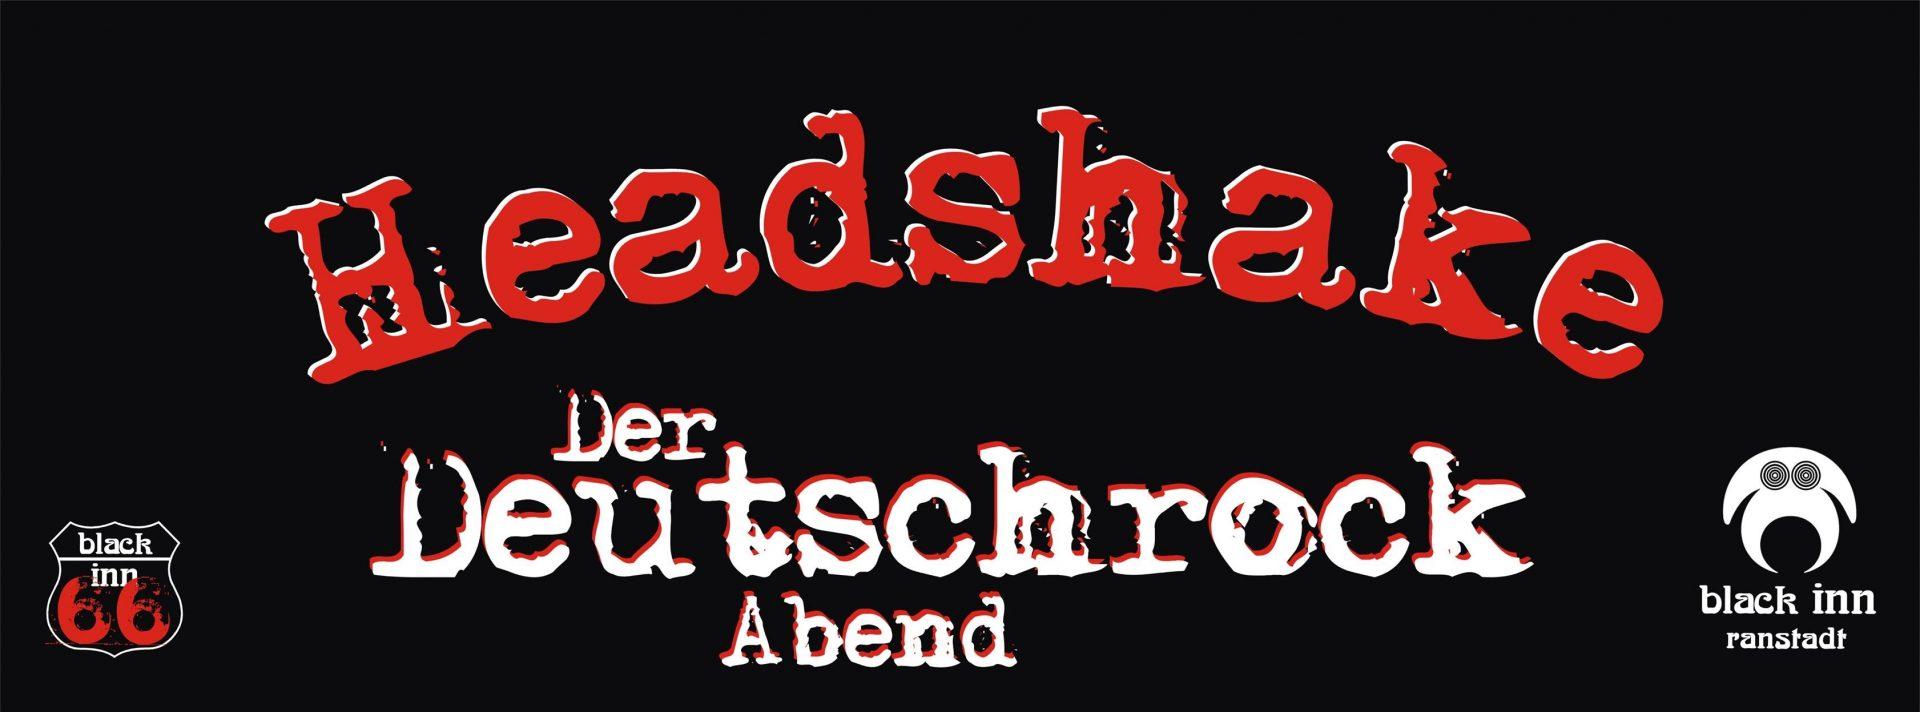 Headshake - Der Deutschrock Abend , Black Inn